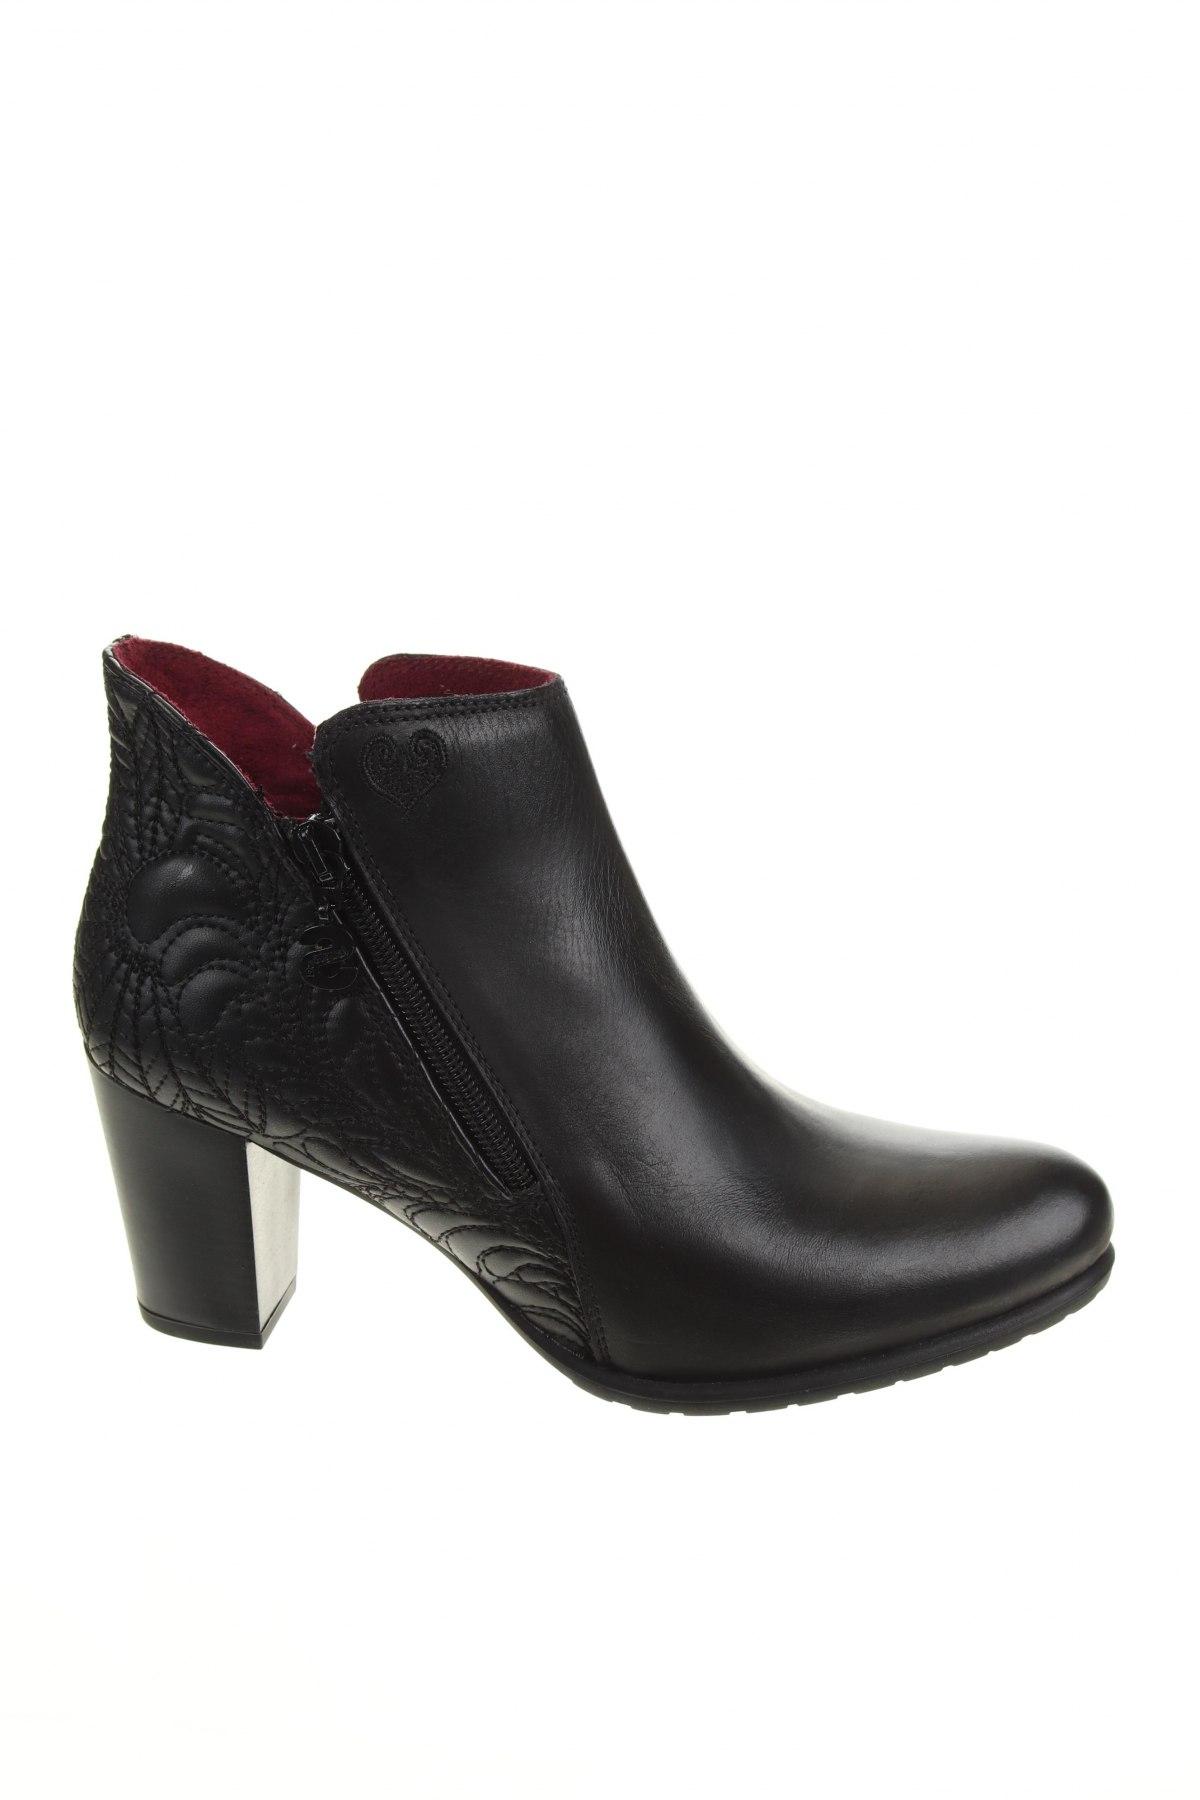 Дамски боти Desigual, Размер 40, Цвят Черен, Естествена кожа, Цена 189,00лв.